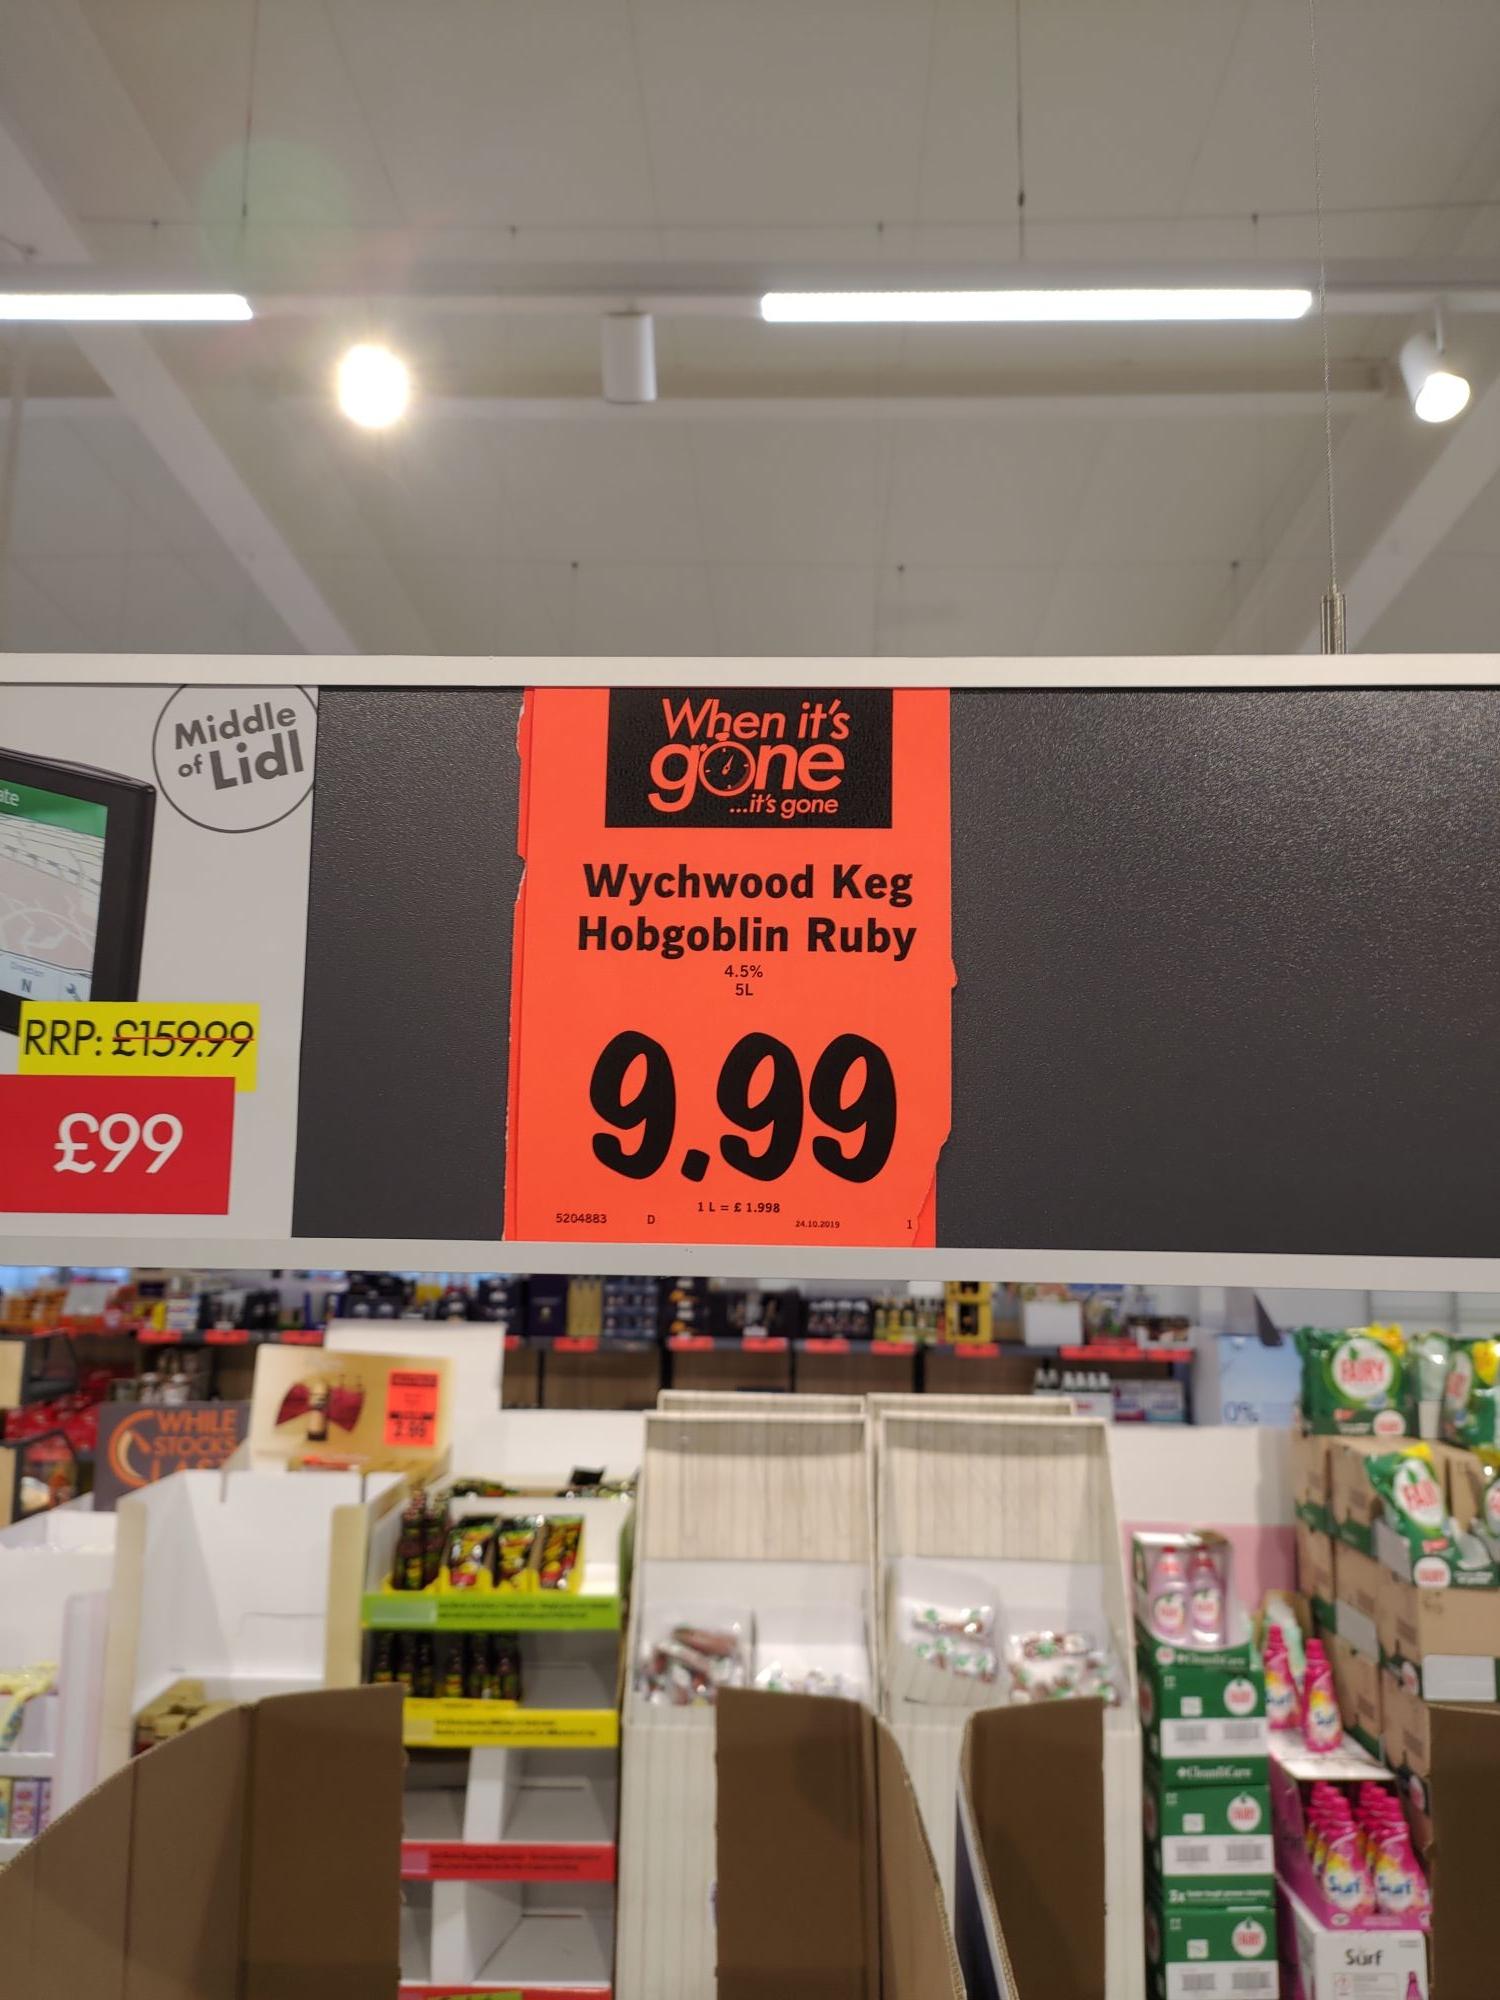 Wychwood Hobgoblin 5 litres for £9.99 in Lidl